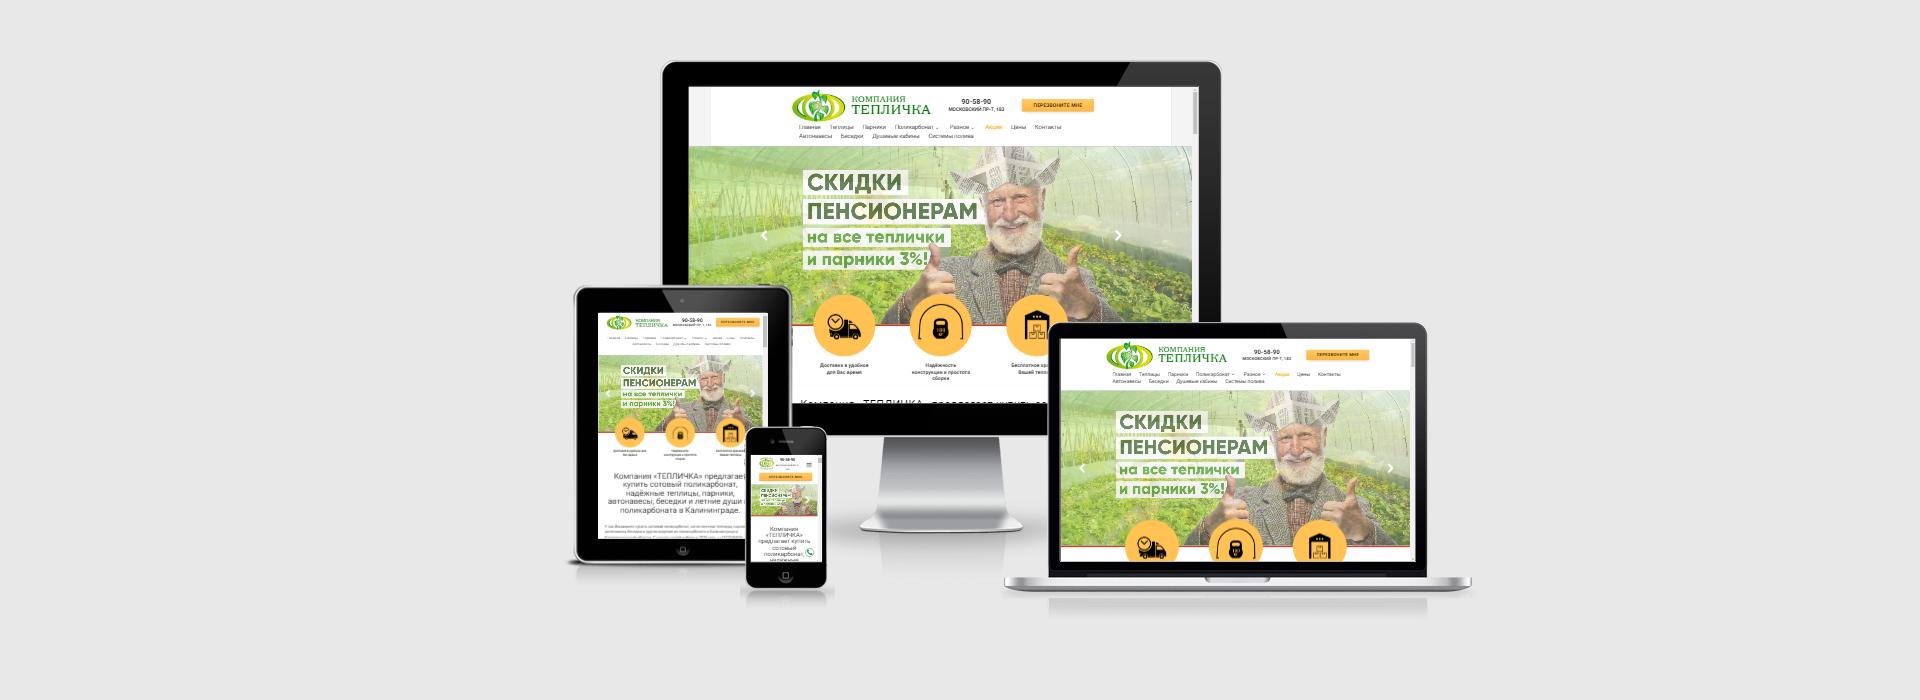 Корпоративный сайт каталог по продаже парников, теплиц в Калининграде